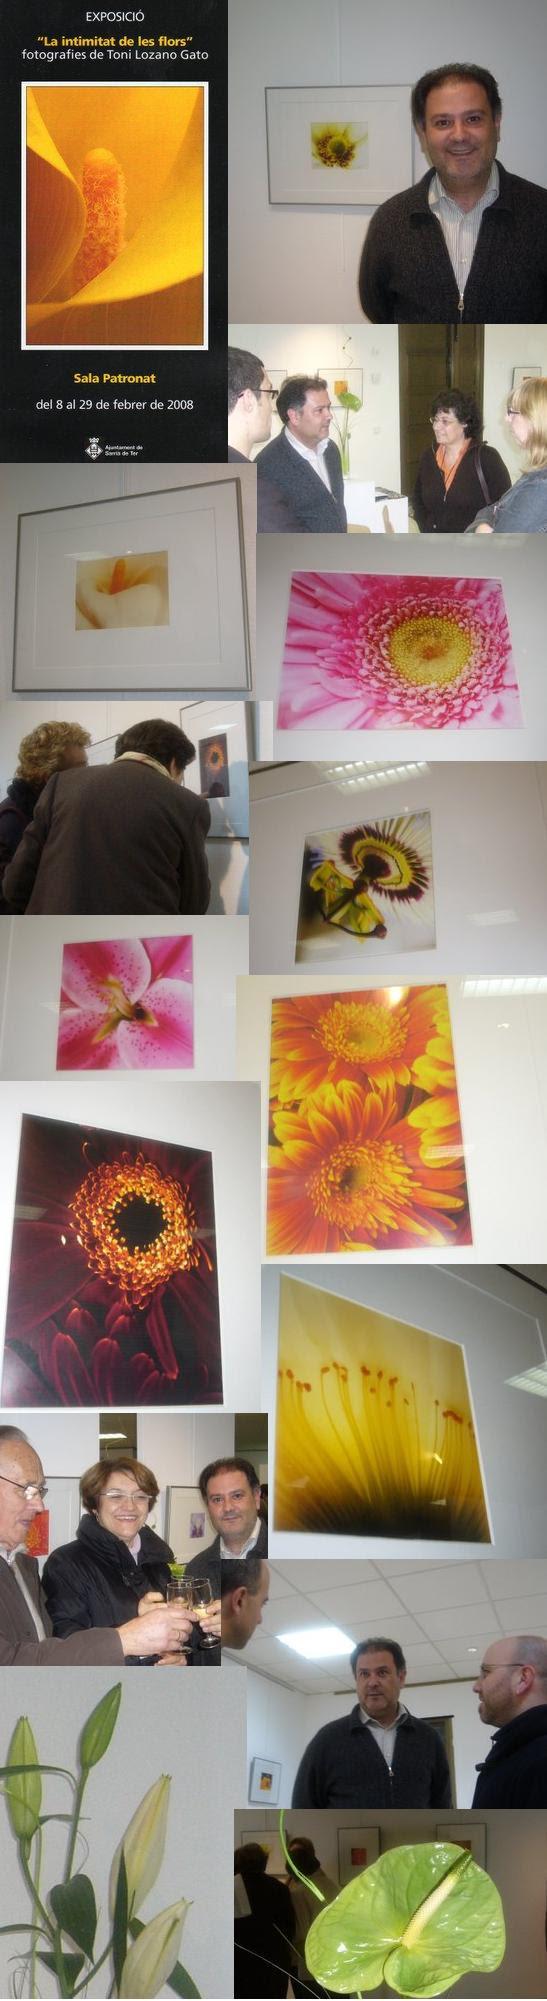 Galeria Intimitat Flors feb08